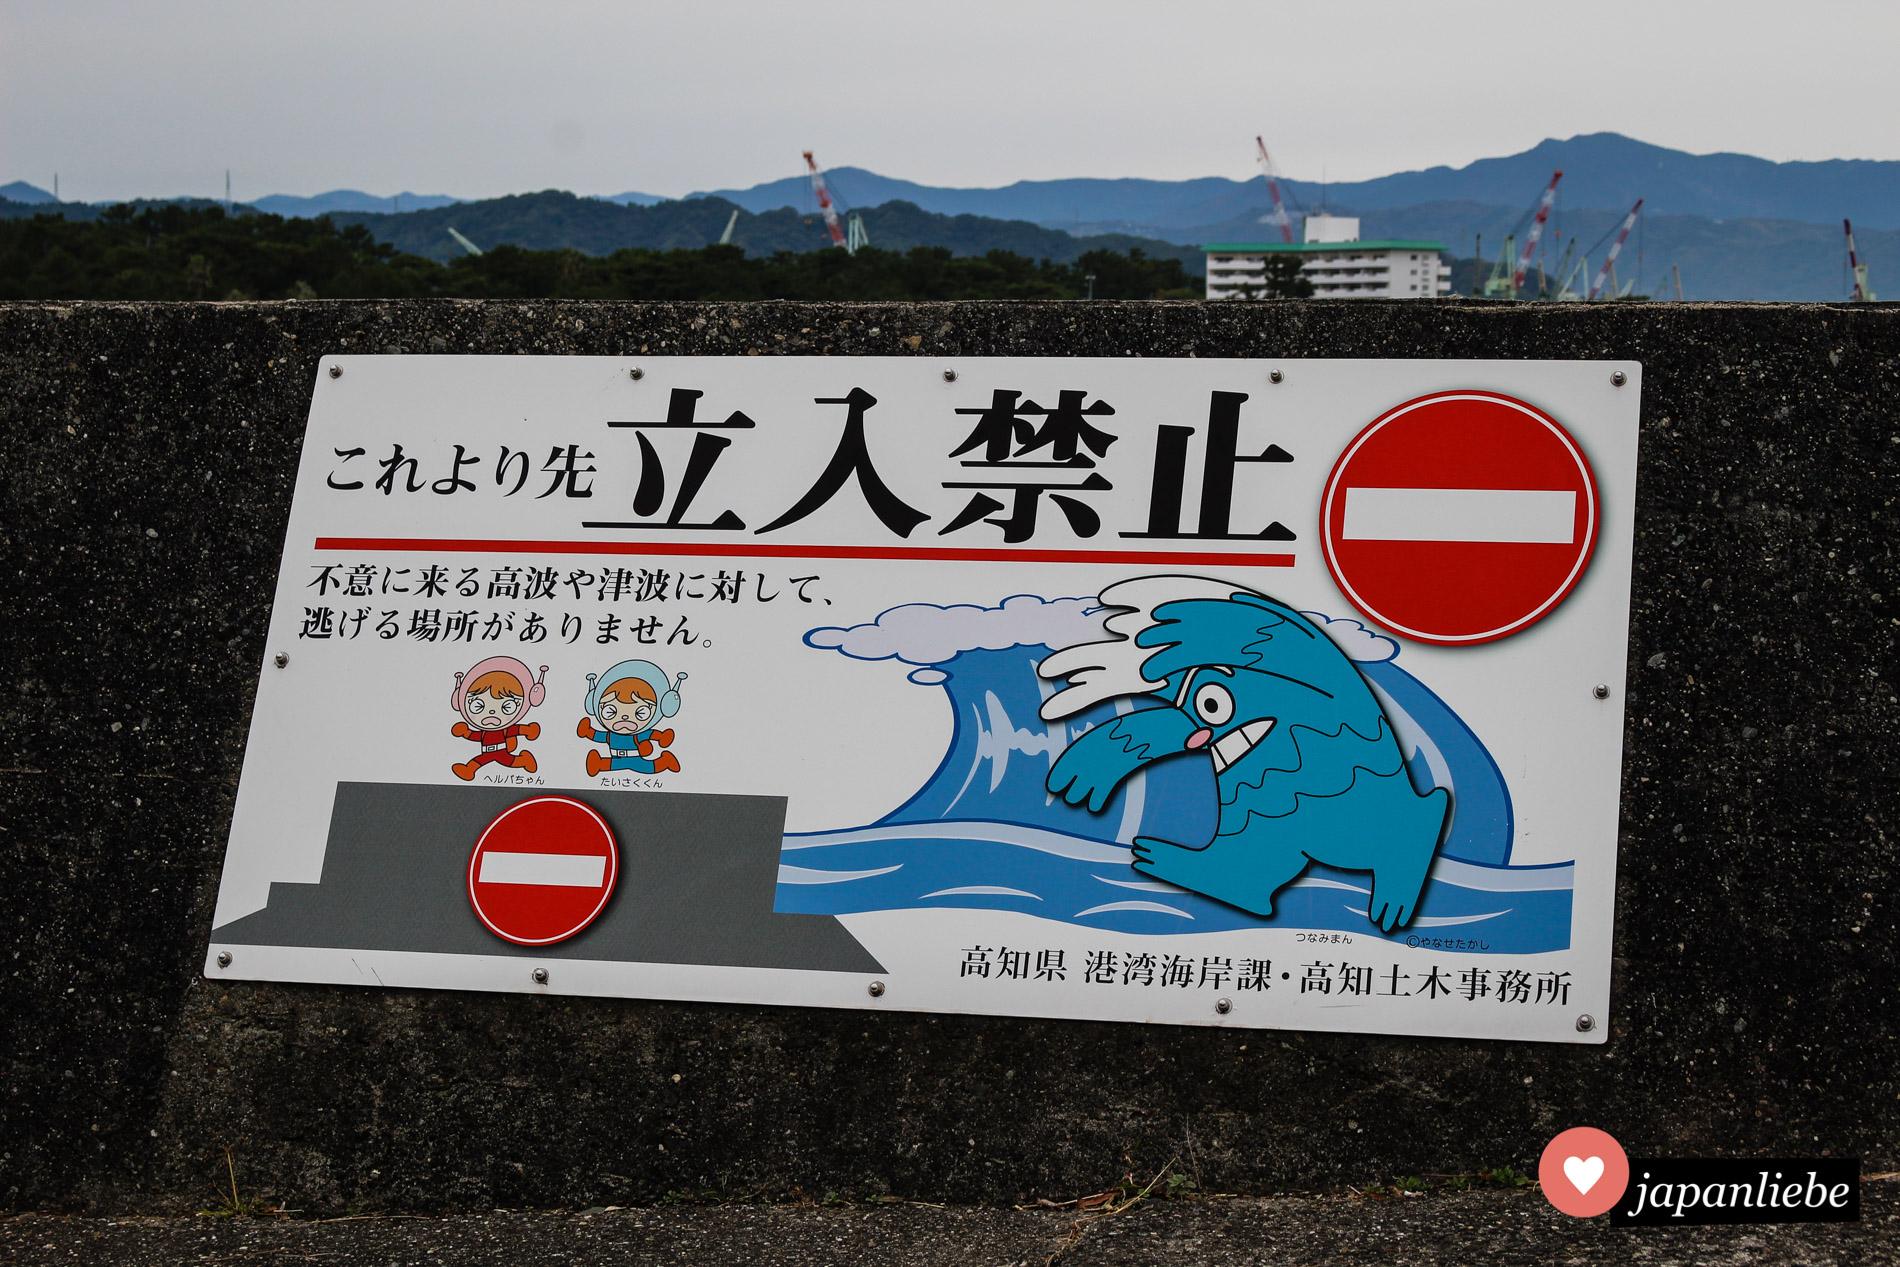 Betreten der Mauer verboten! Sonst kommt eine knuddlige Welle angeschwappt und zack, bist du weg.